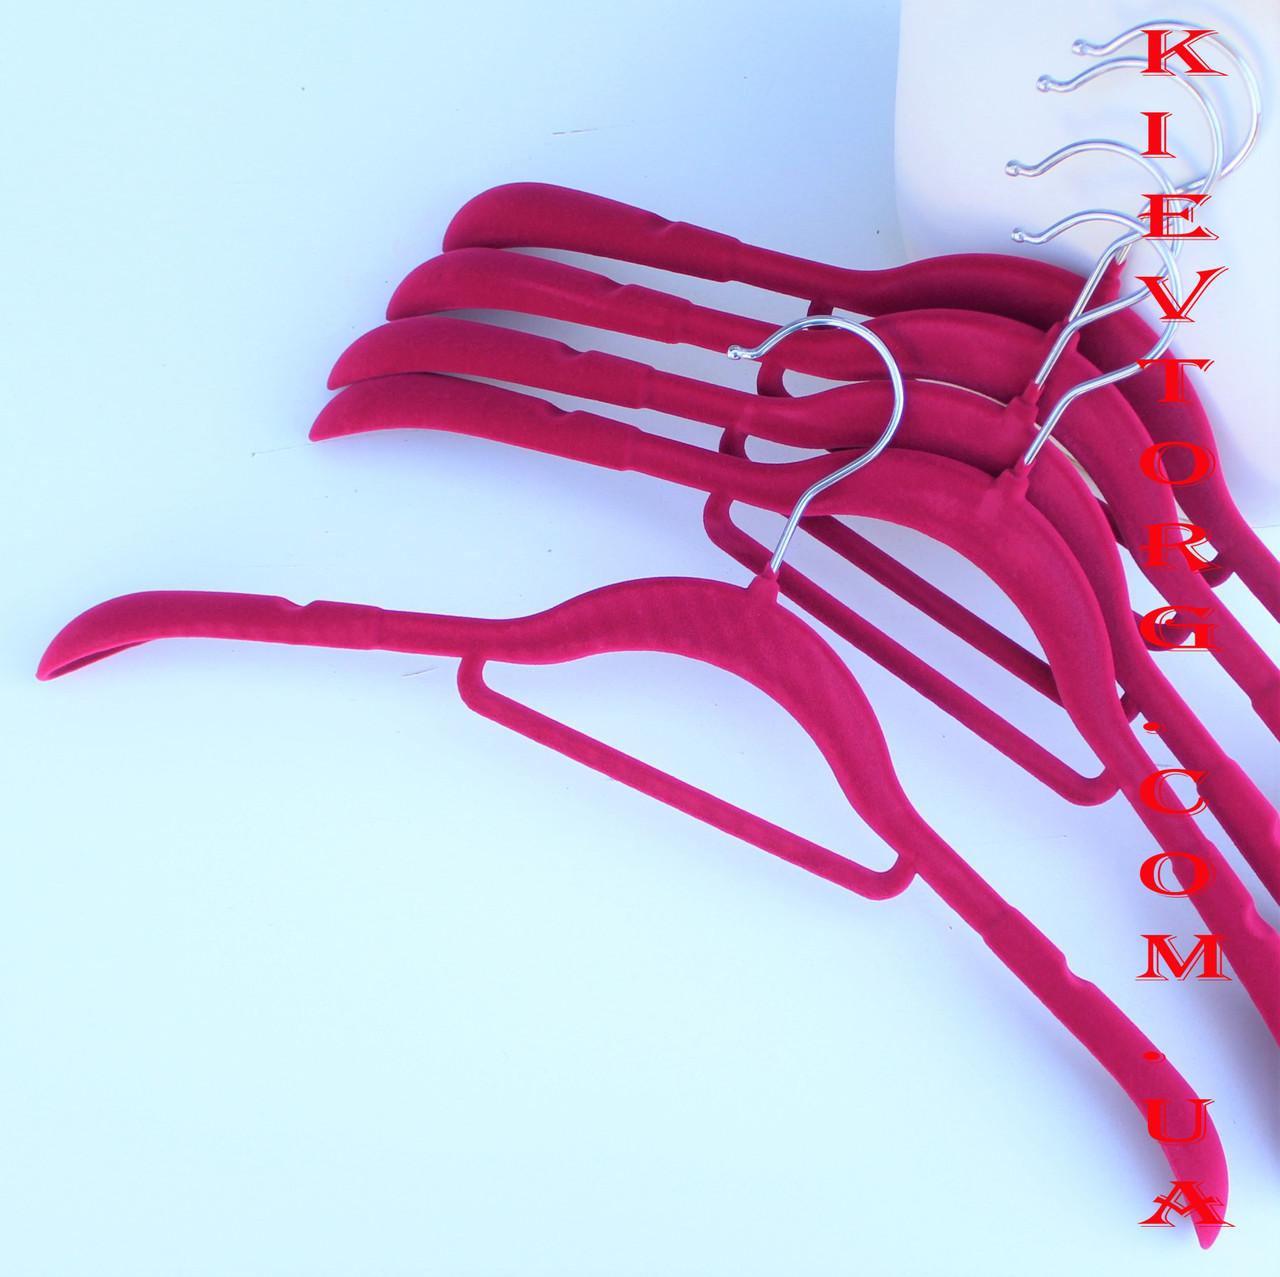 Плечики вешалки тремпеля флокированные (бархатные, велюровые) для женской одежды розовые, 42 см